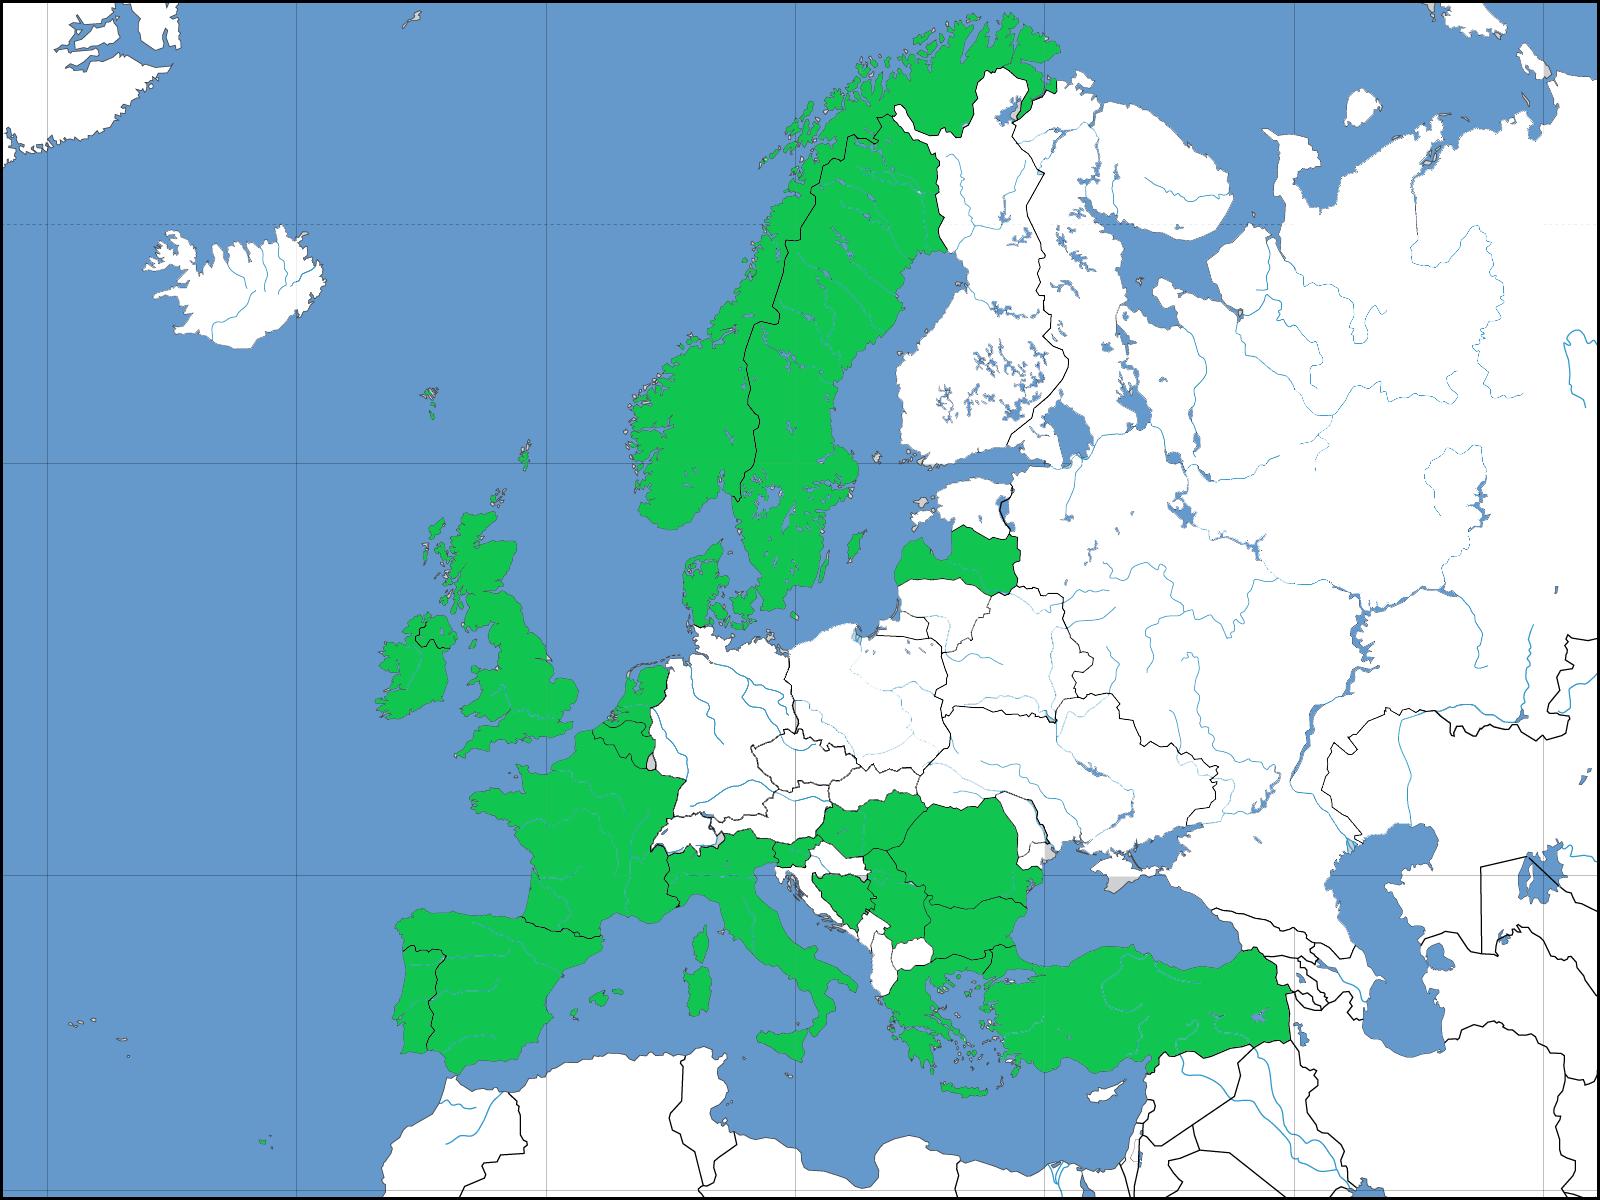 MapaEuropaPaisesParticipantes